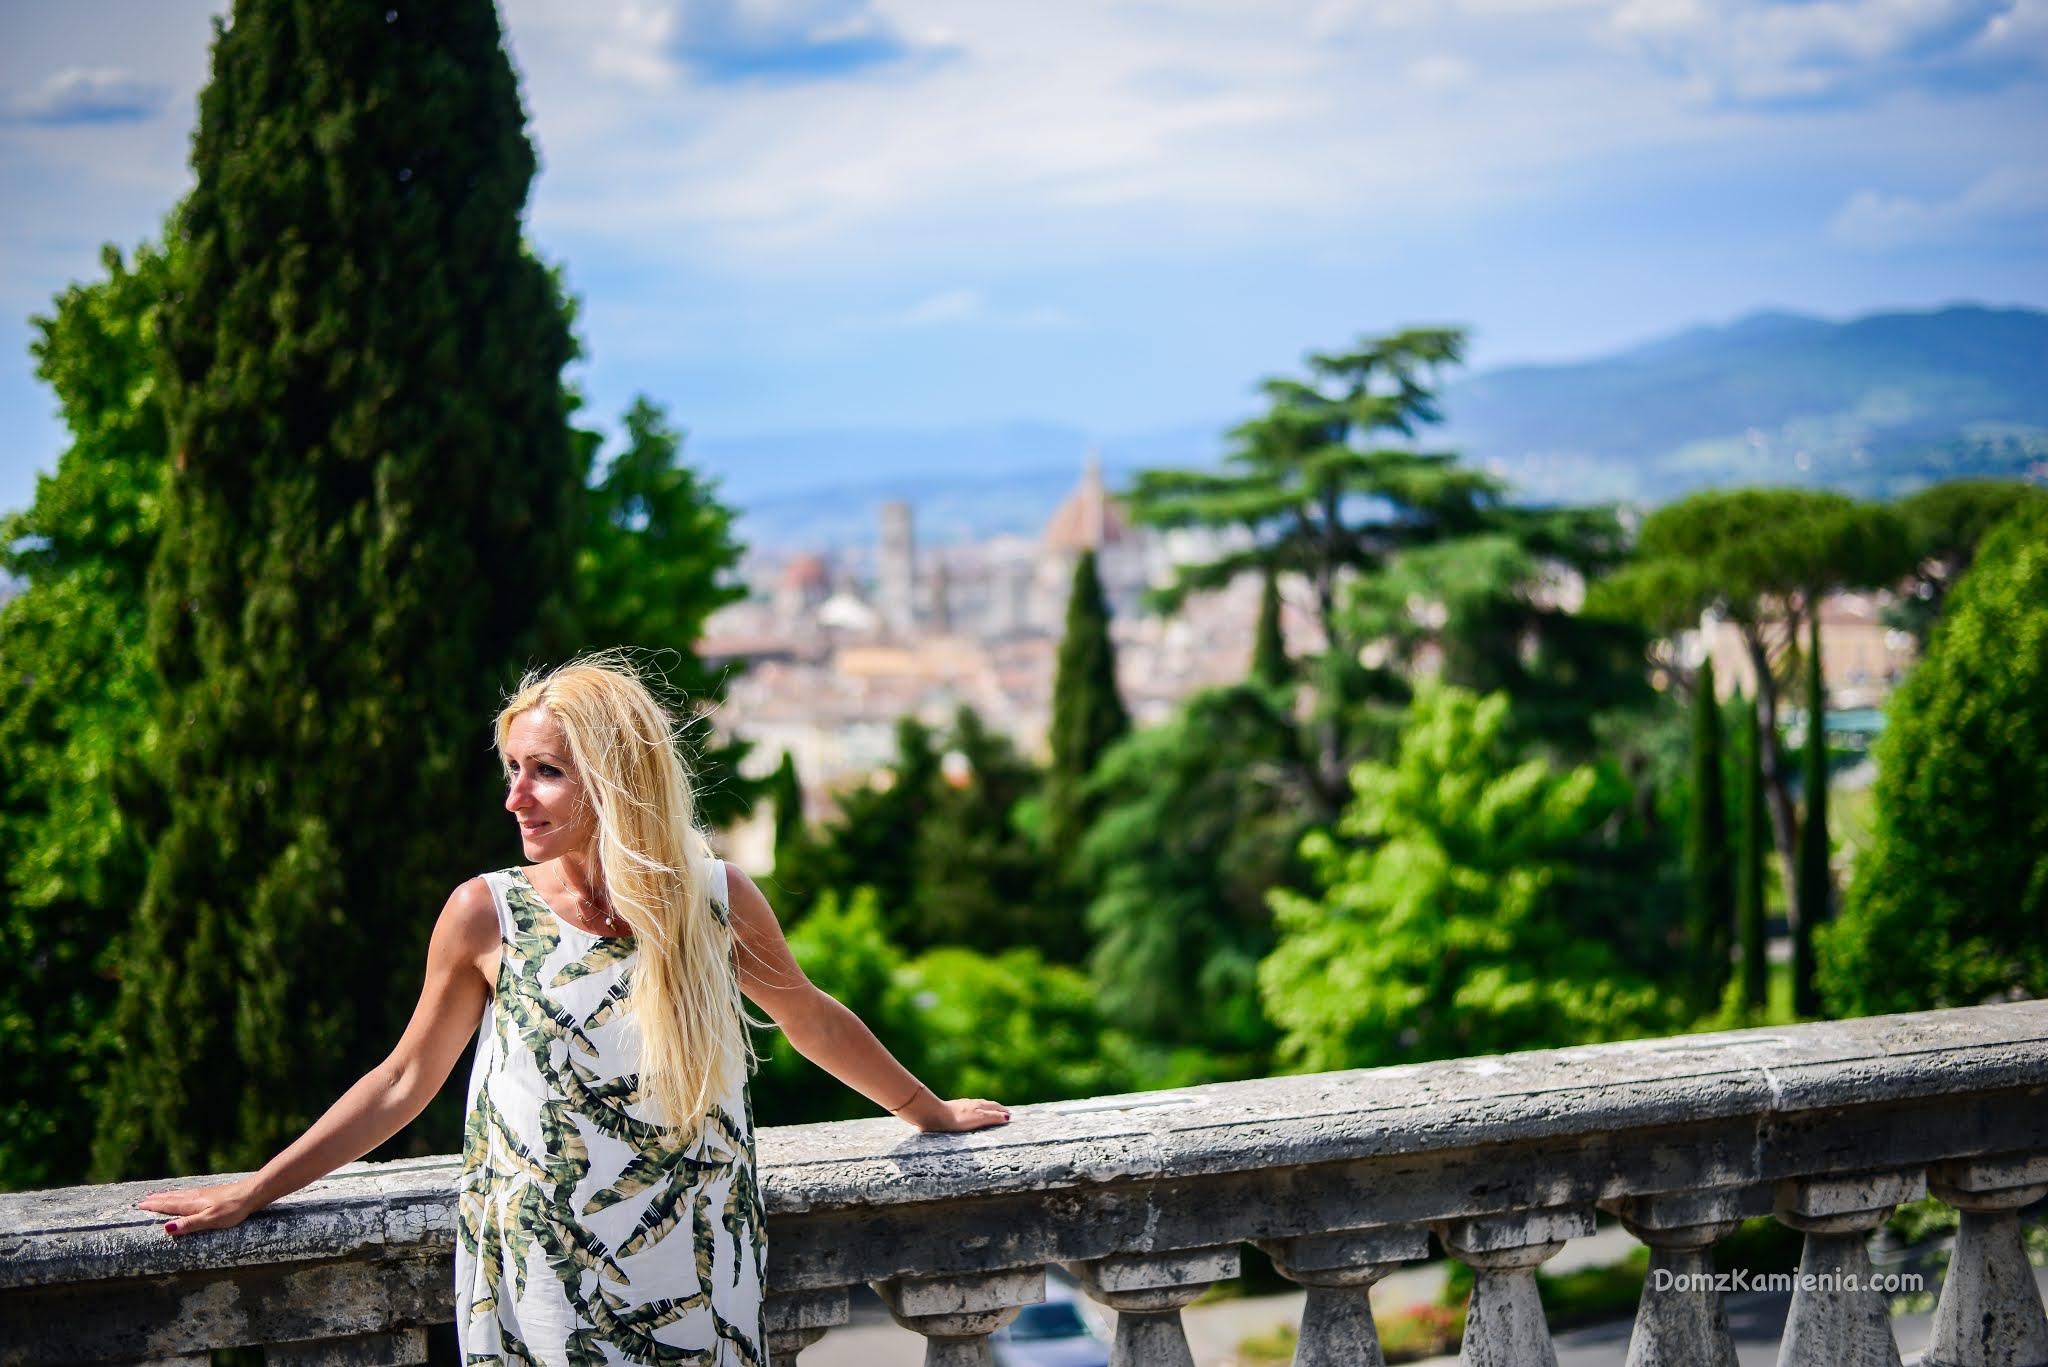 Dom z Kamienia blog - Sekrety Florencji